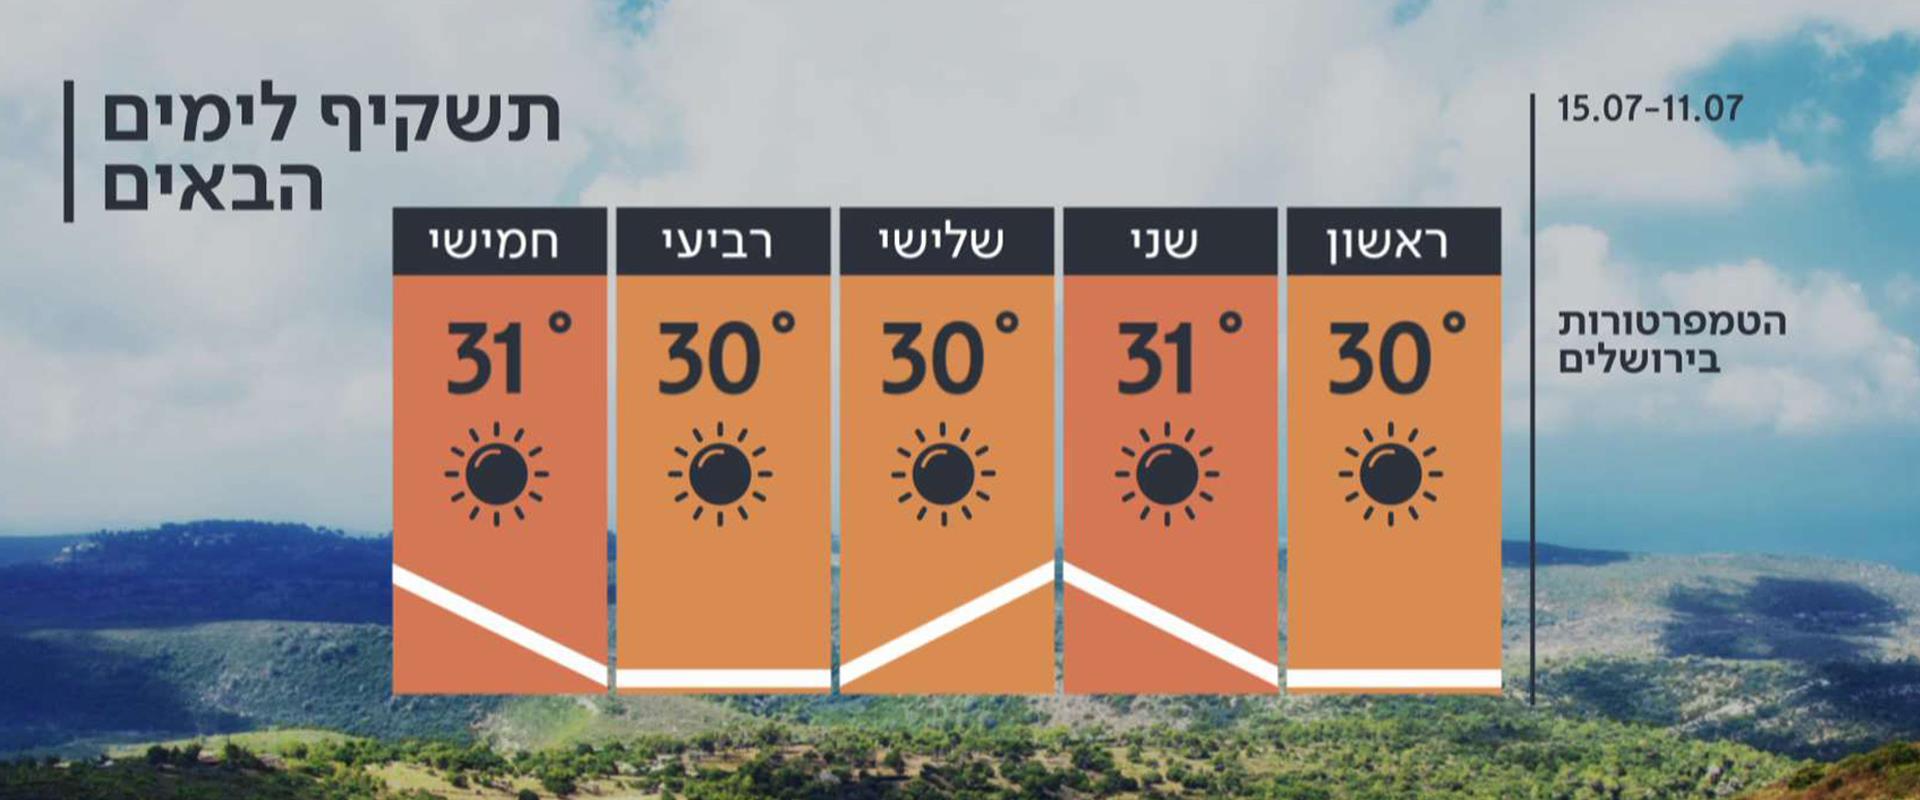 התחזית 10.07.21: בלי שינוי בטמפרטורות